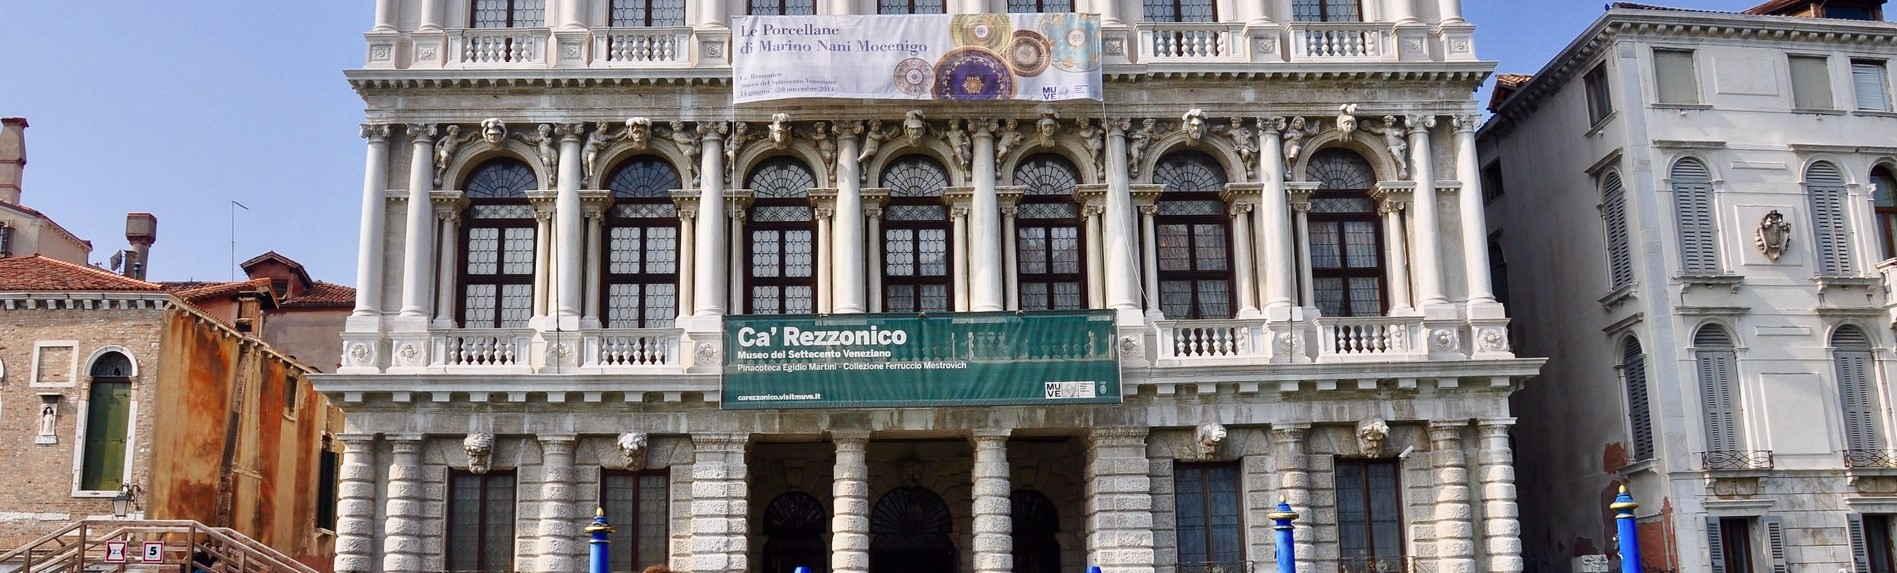 Ca' Rezzonico Museum